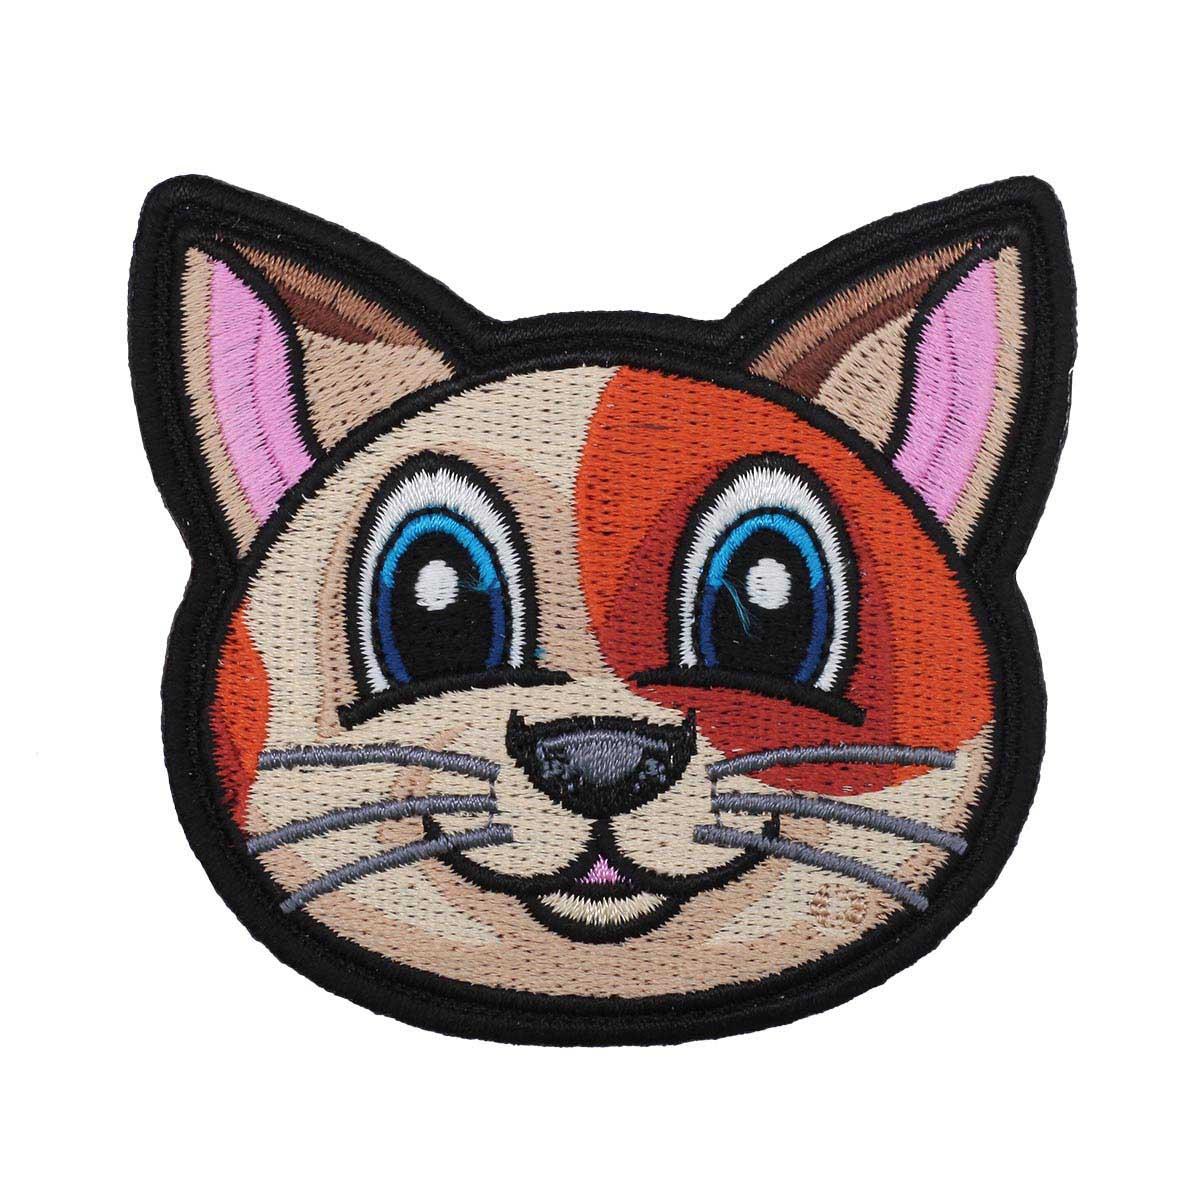 Термоаппликация 'Кошка' 7*7,5см Hobby&Pro